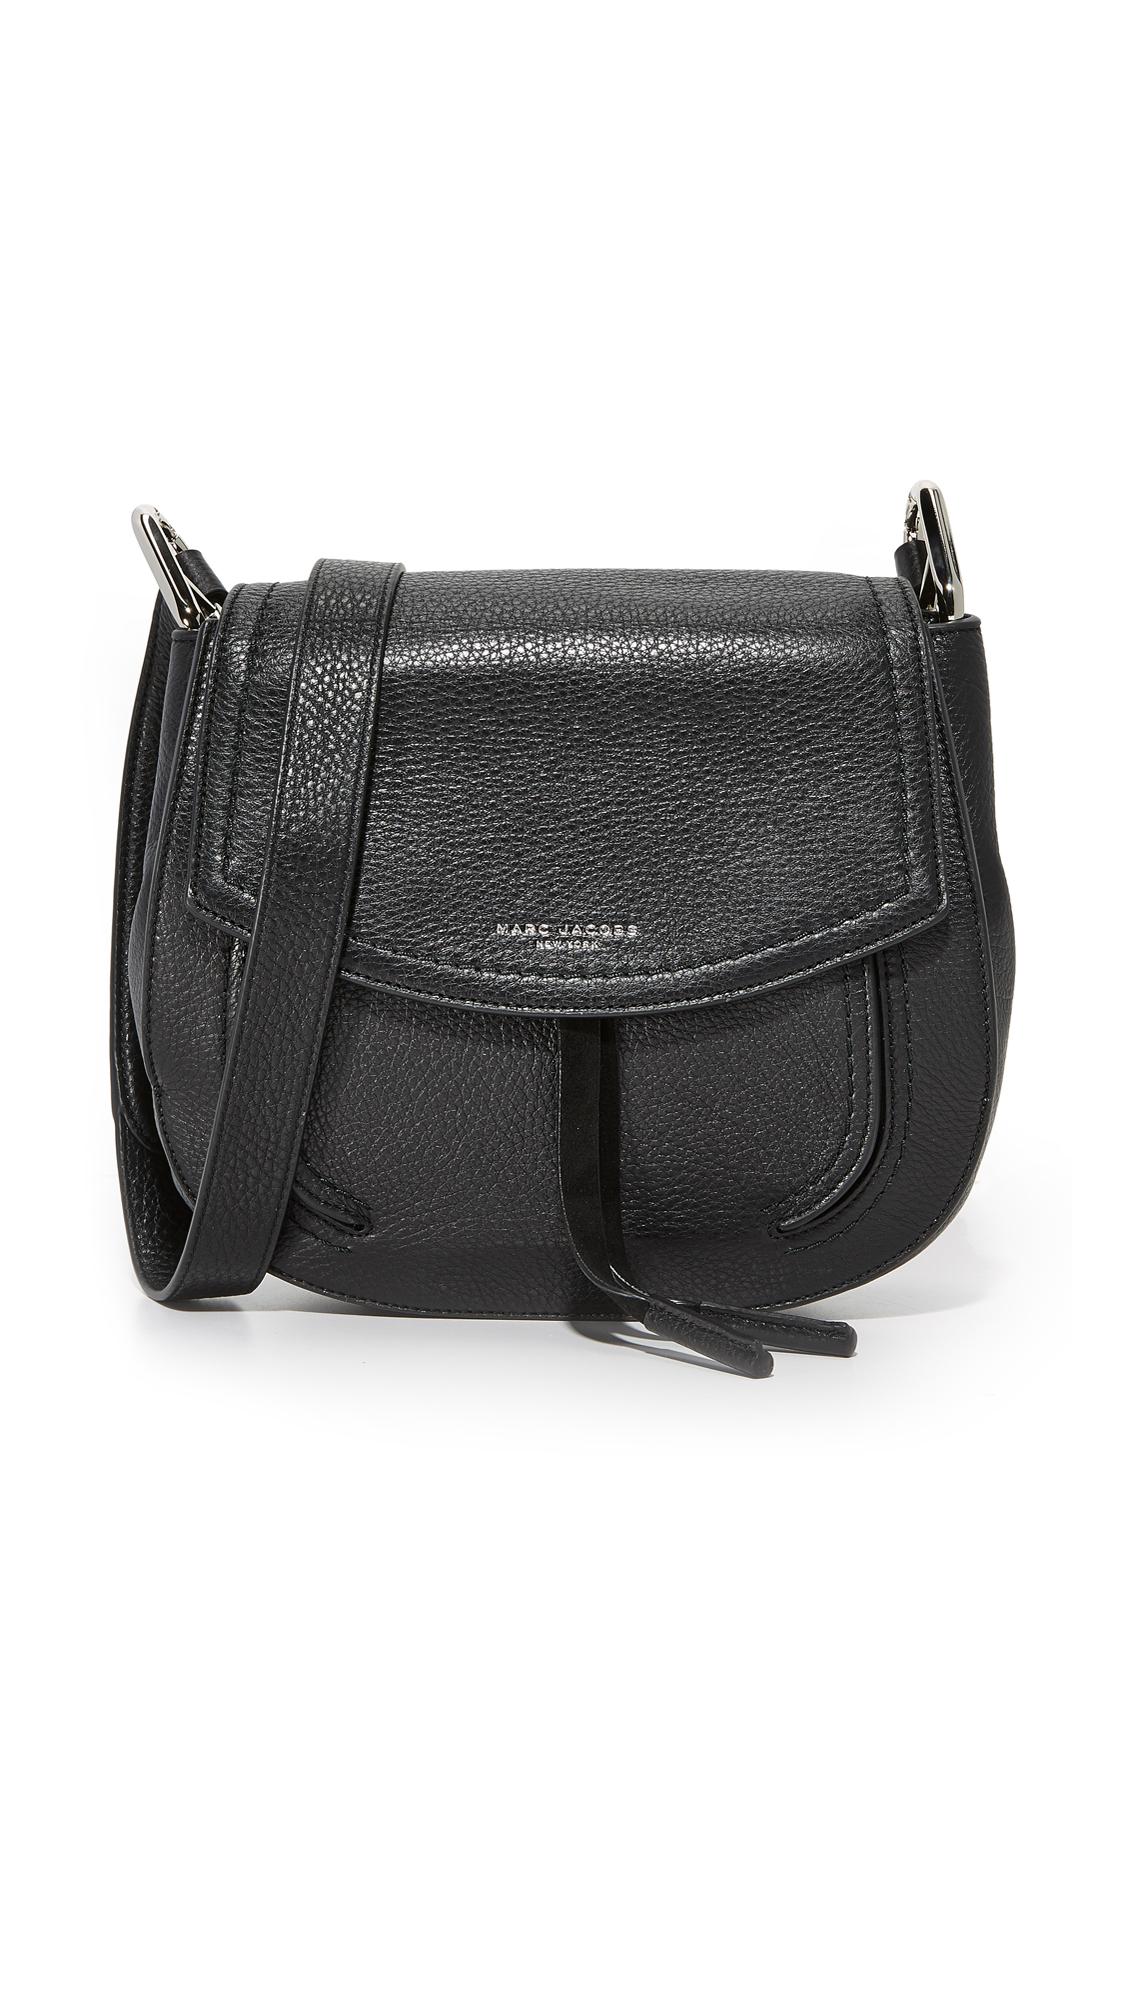 Marc Jacobs Maverick Shoulder Bag - Black